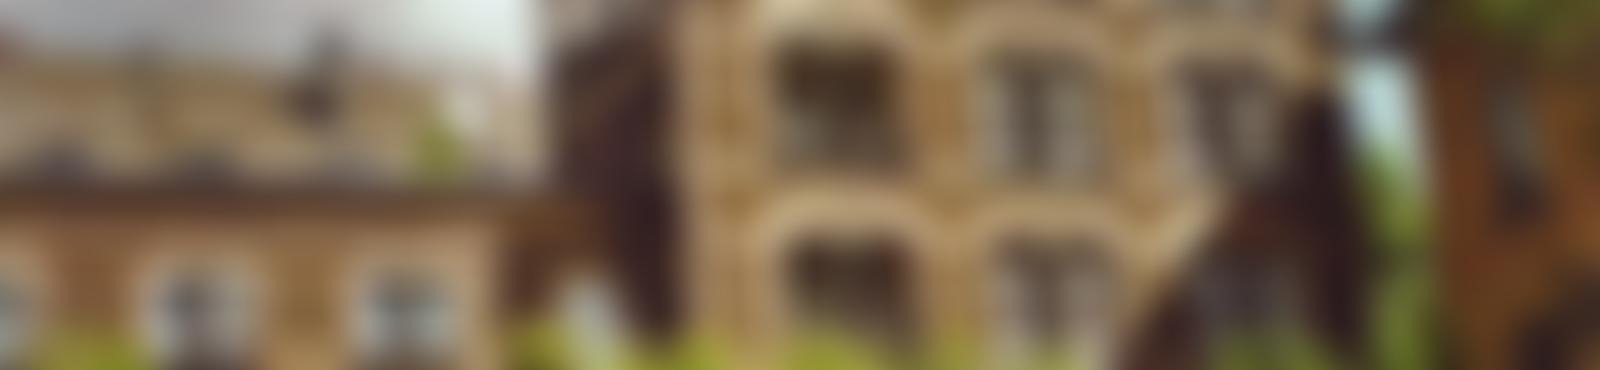 Blurred 166641 10150100635328739 6515813 n